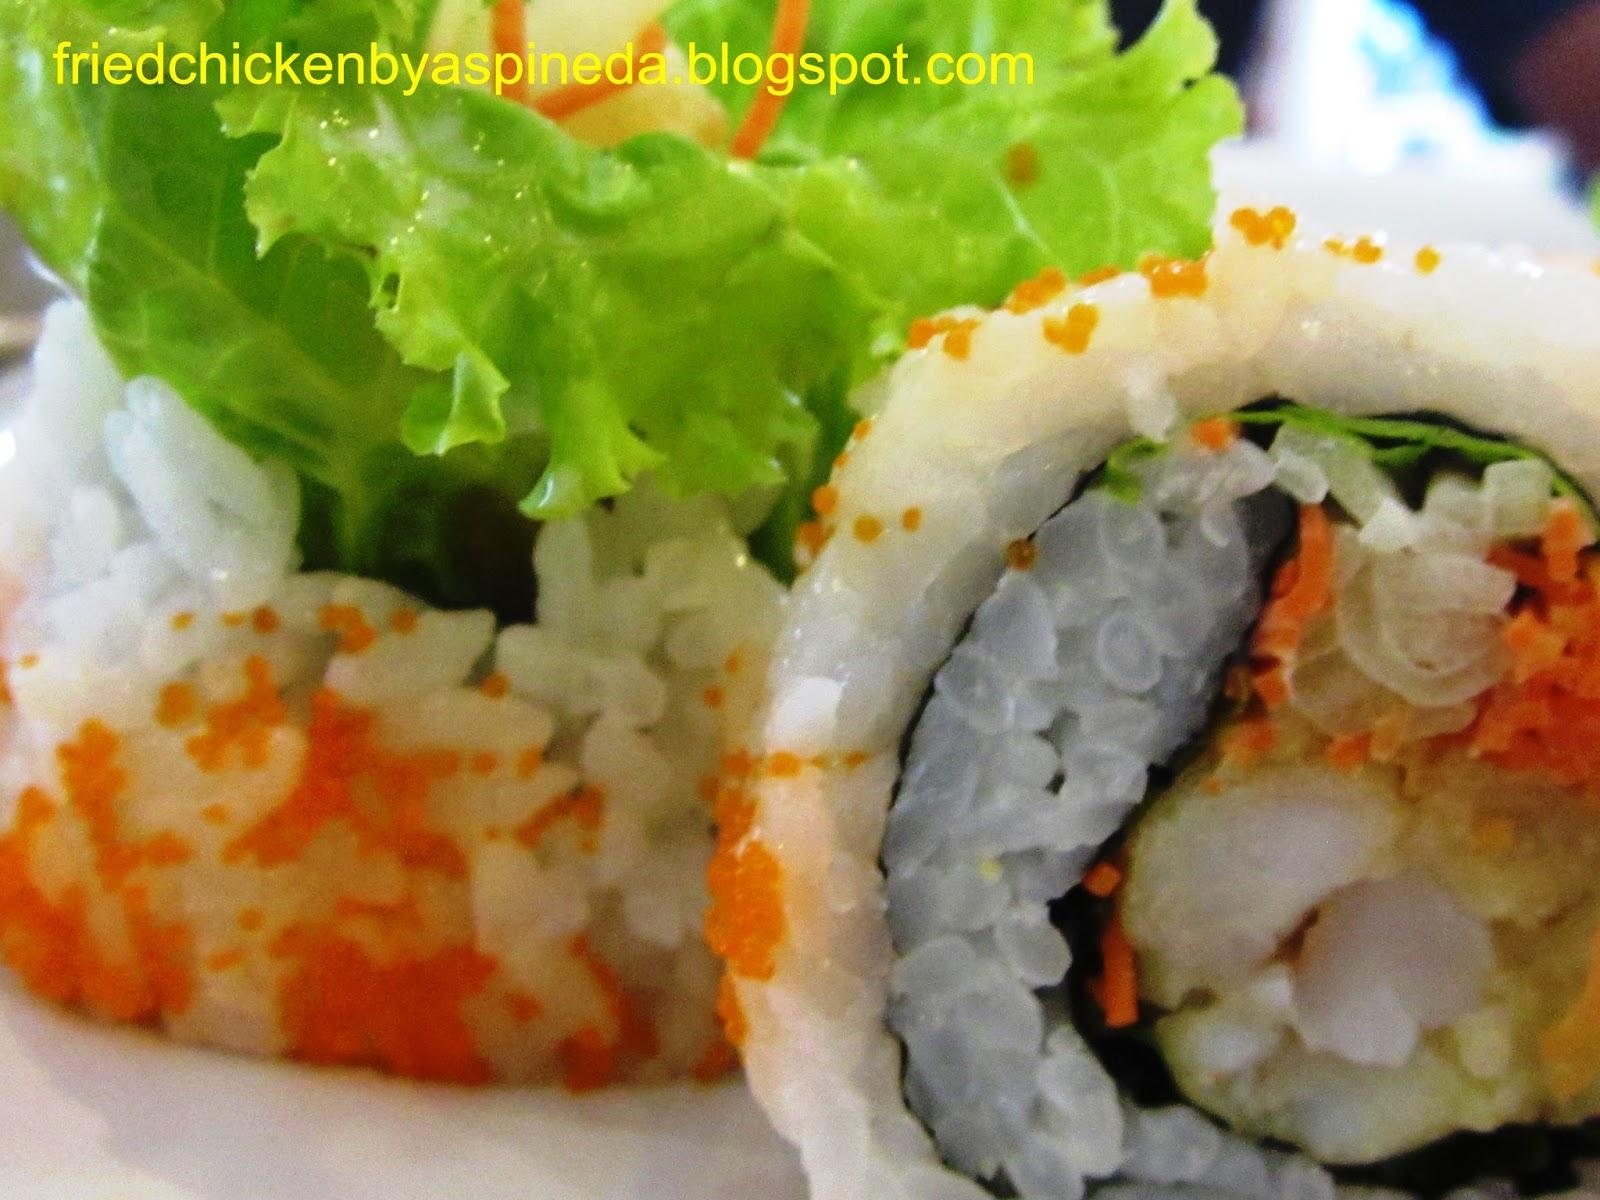 crab salad crab salad canapes robinson cove crab salad fugato kani ...